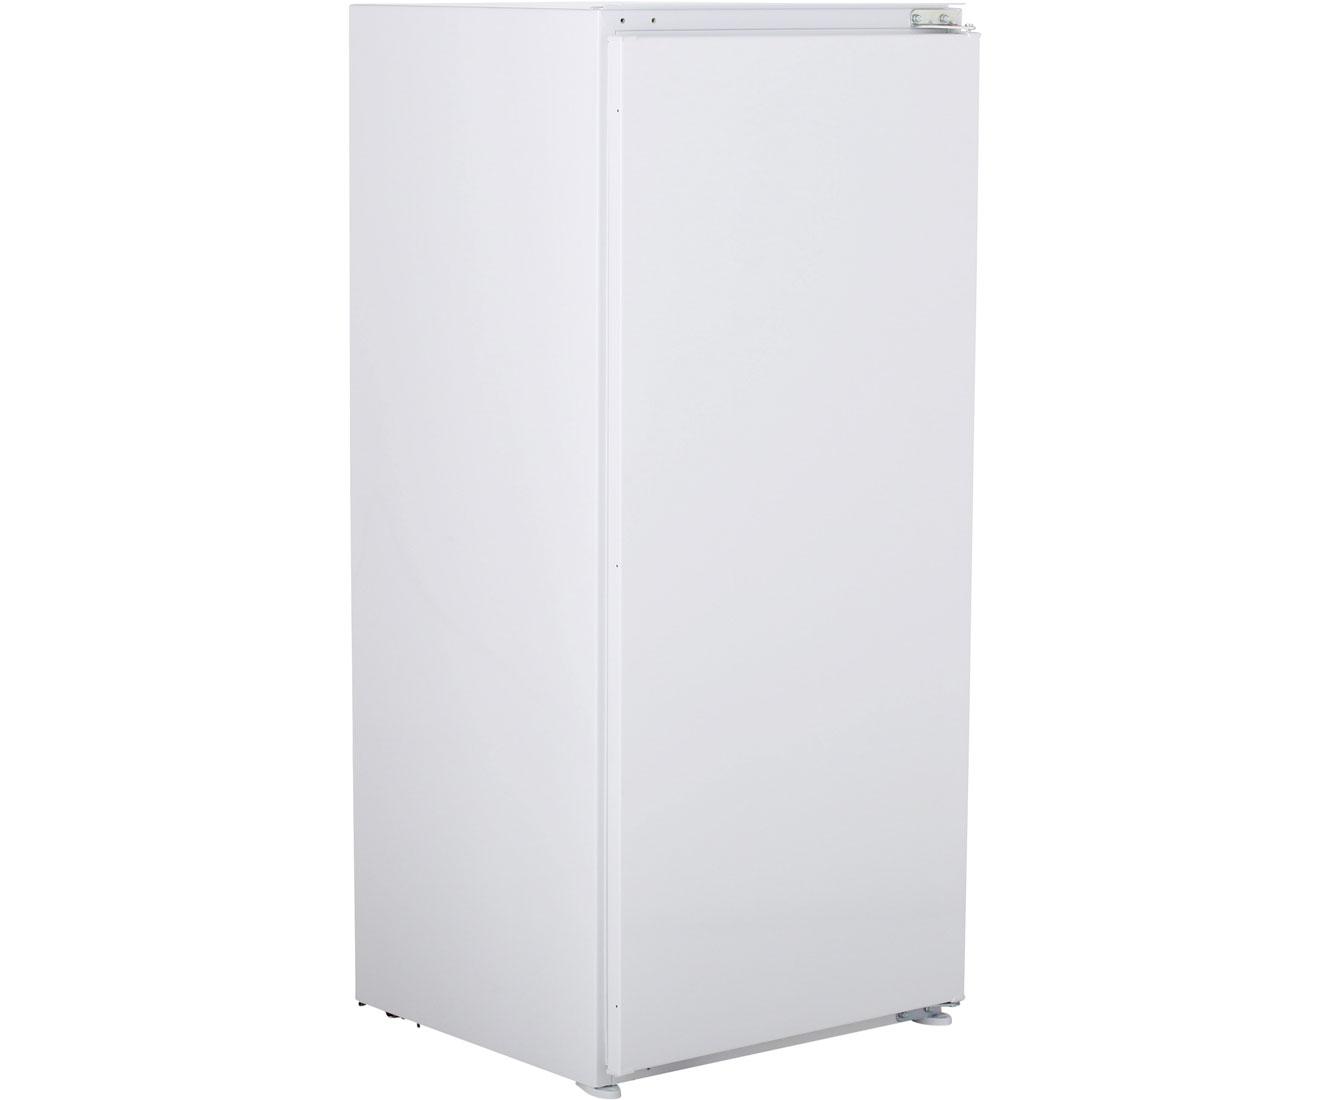 Gorenje Einbau Kühlschrank 122 Cm : Gorenje rbi aw einbau kühlschrank mit gefrierfach er